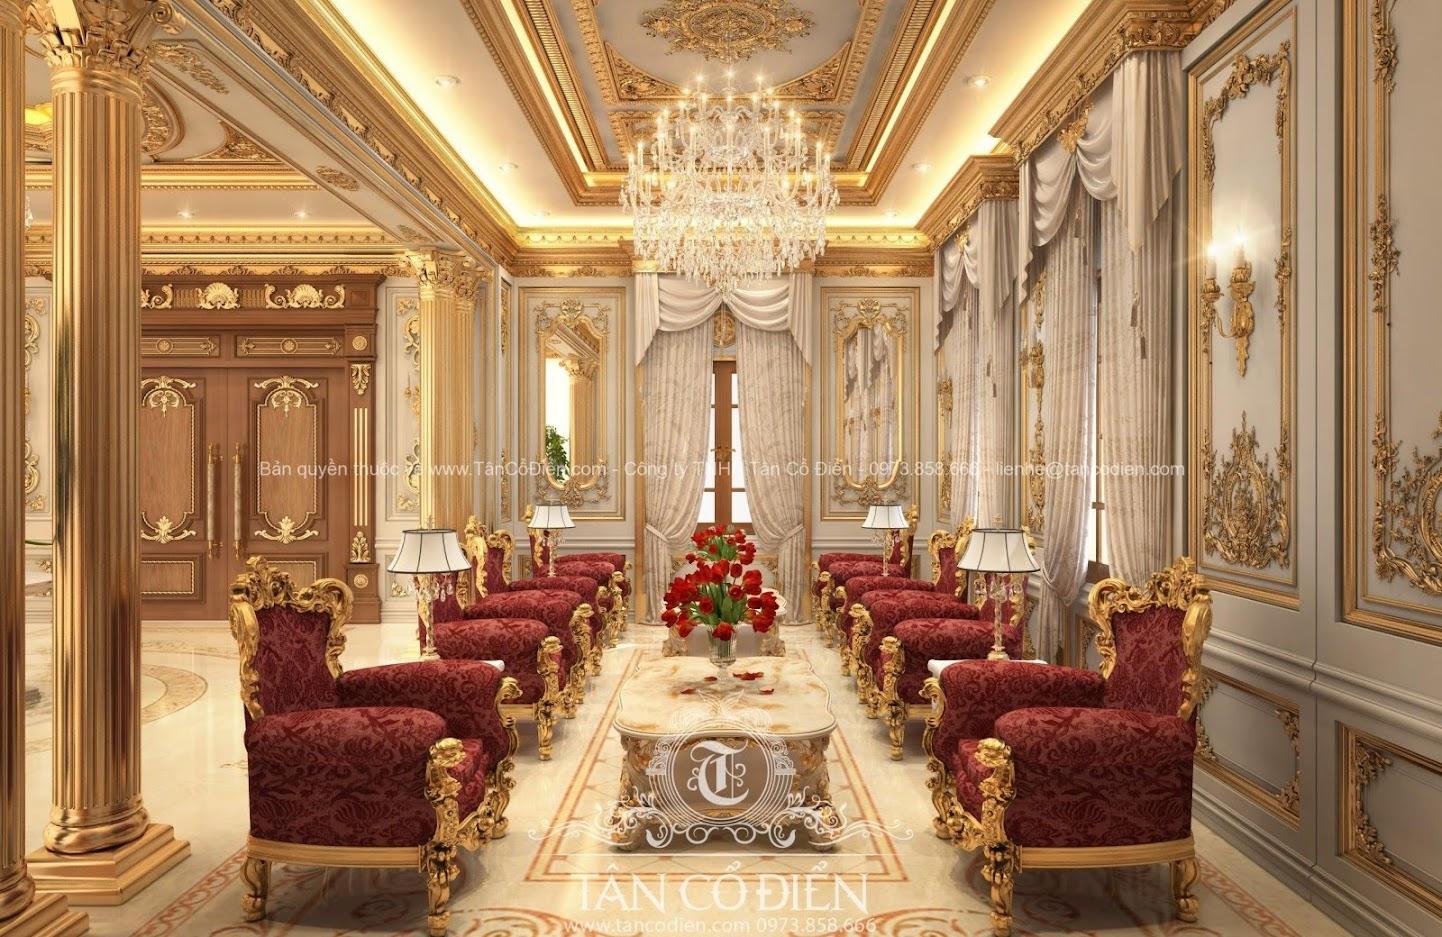 Phong cách quy phái của biệt thự cổ điển